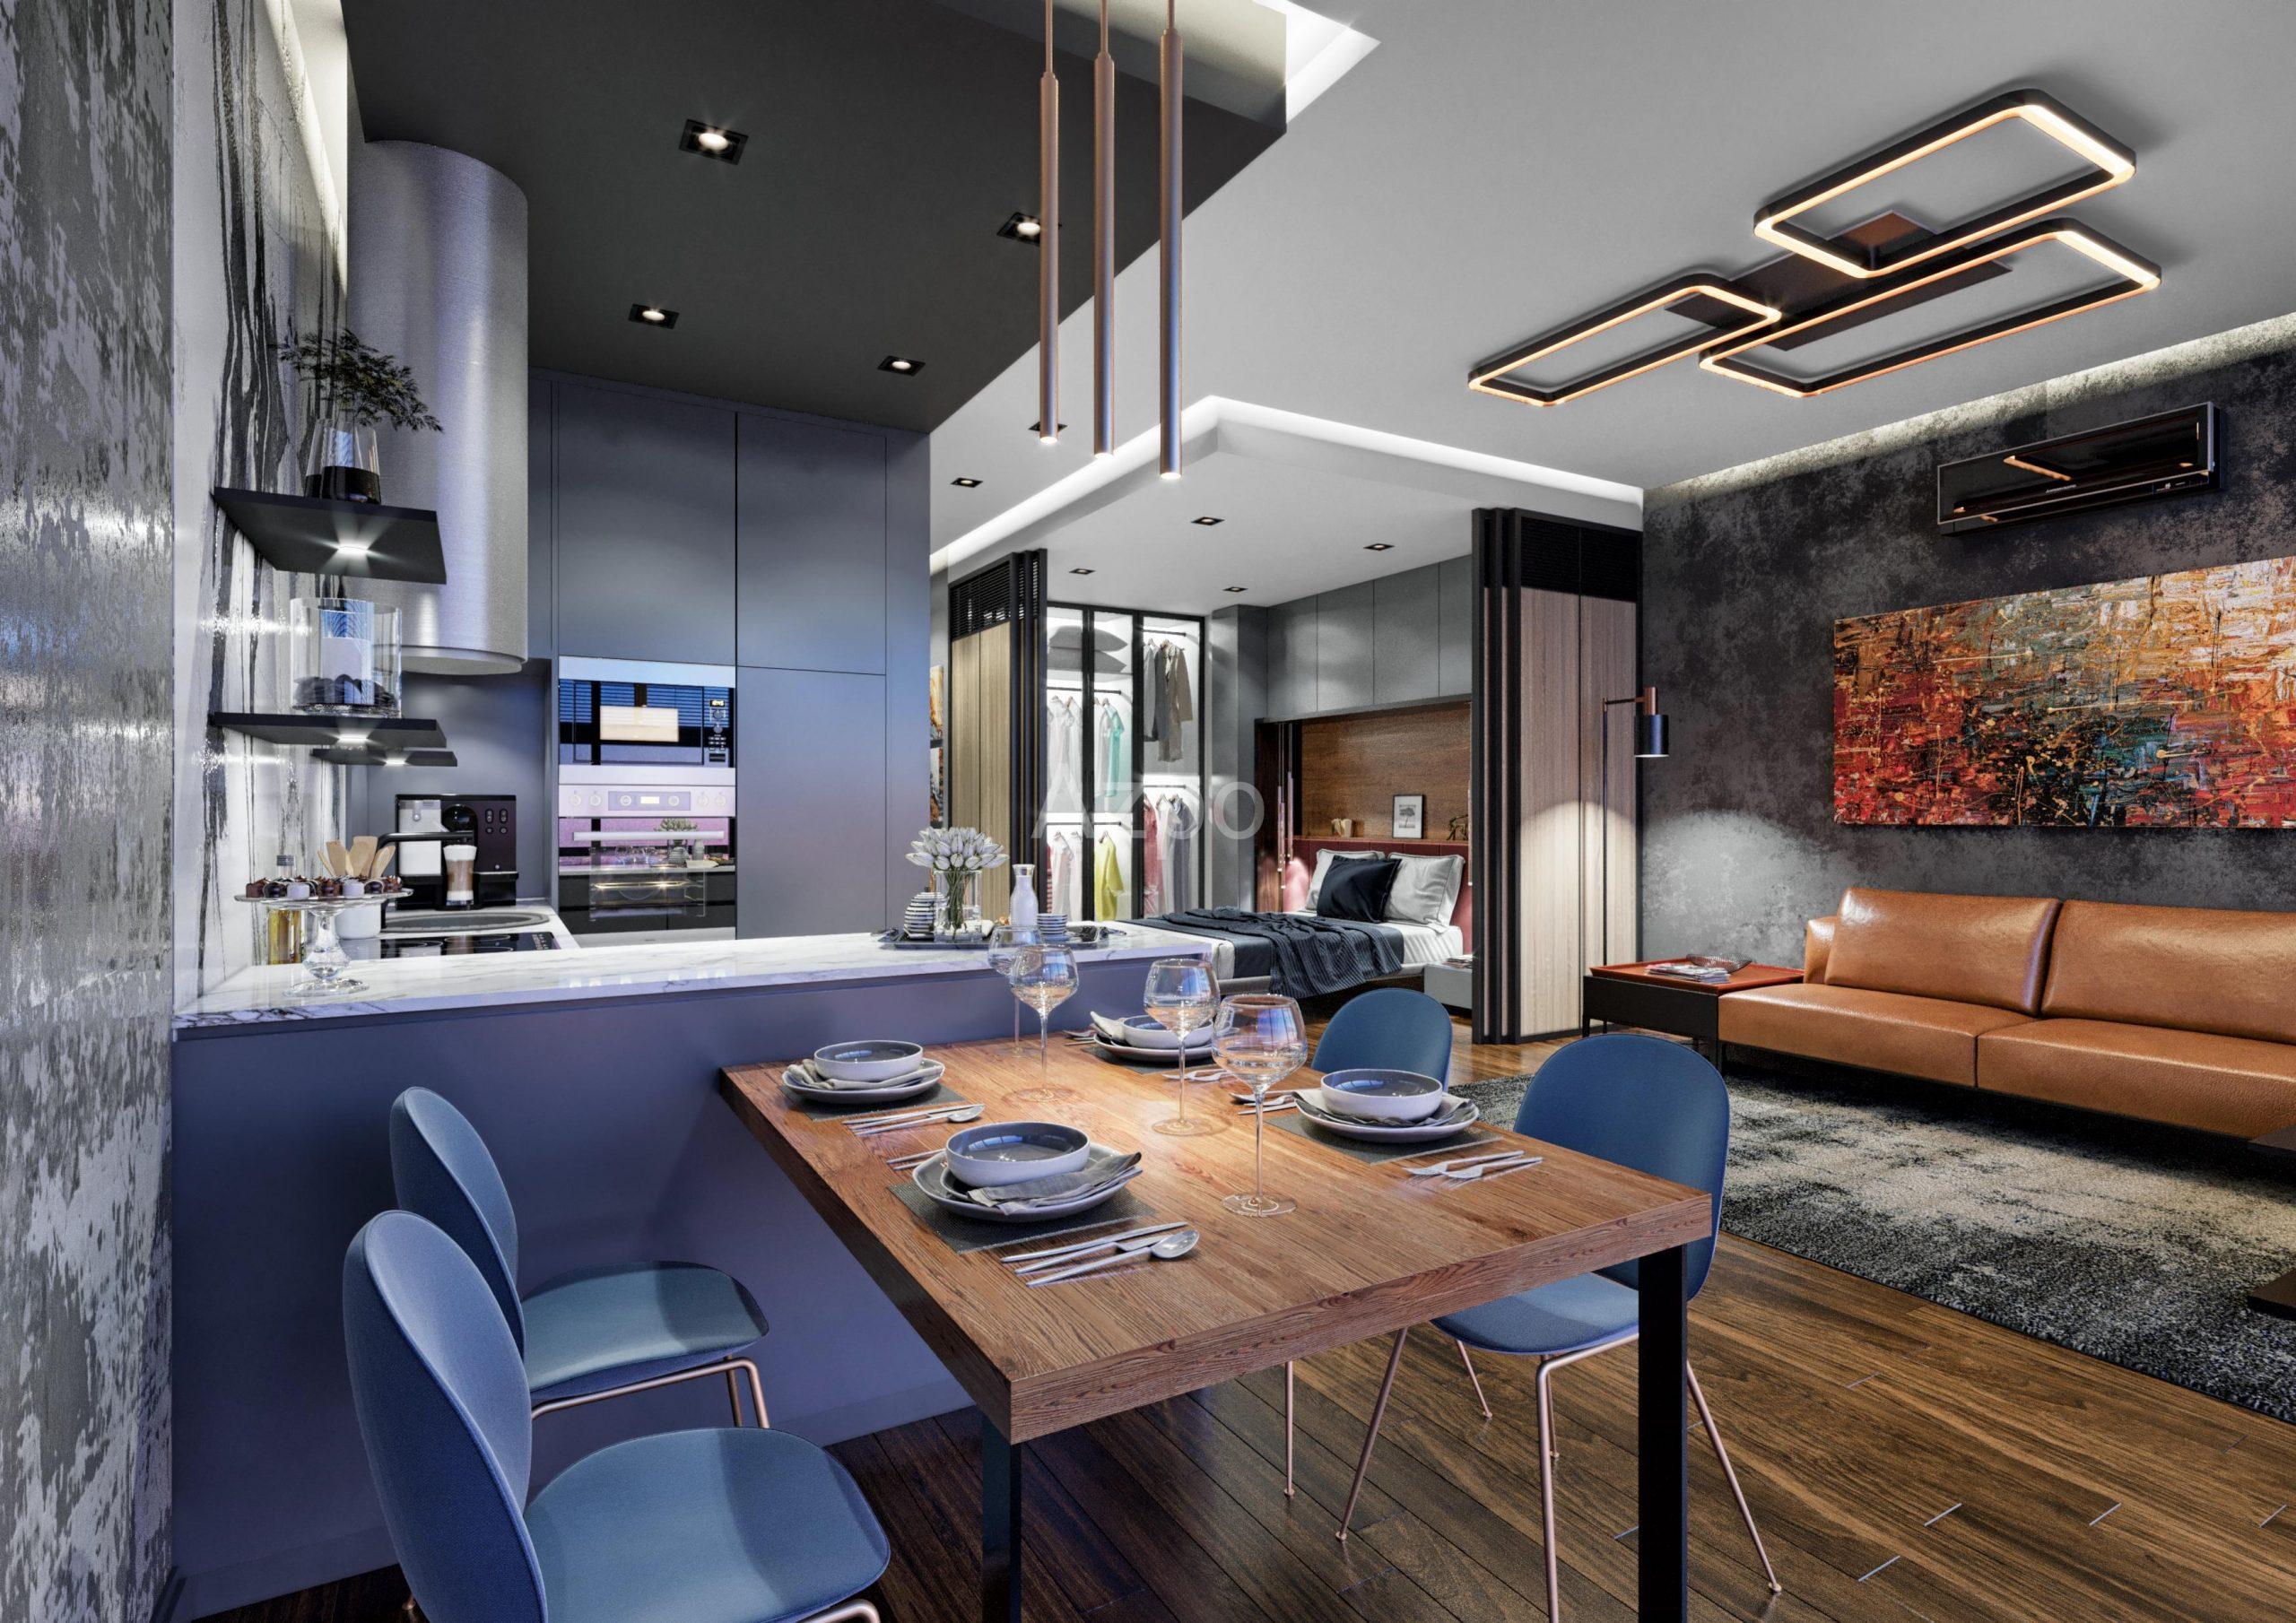 Апартаменты разных планировок в  комплексе - Фото 8